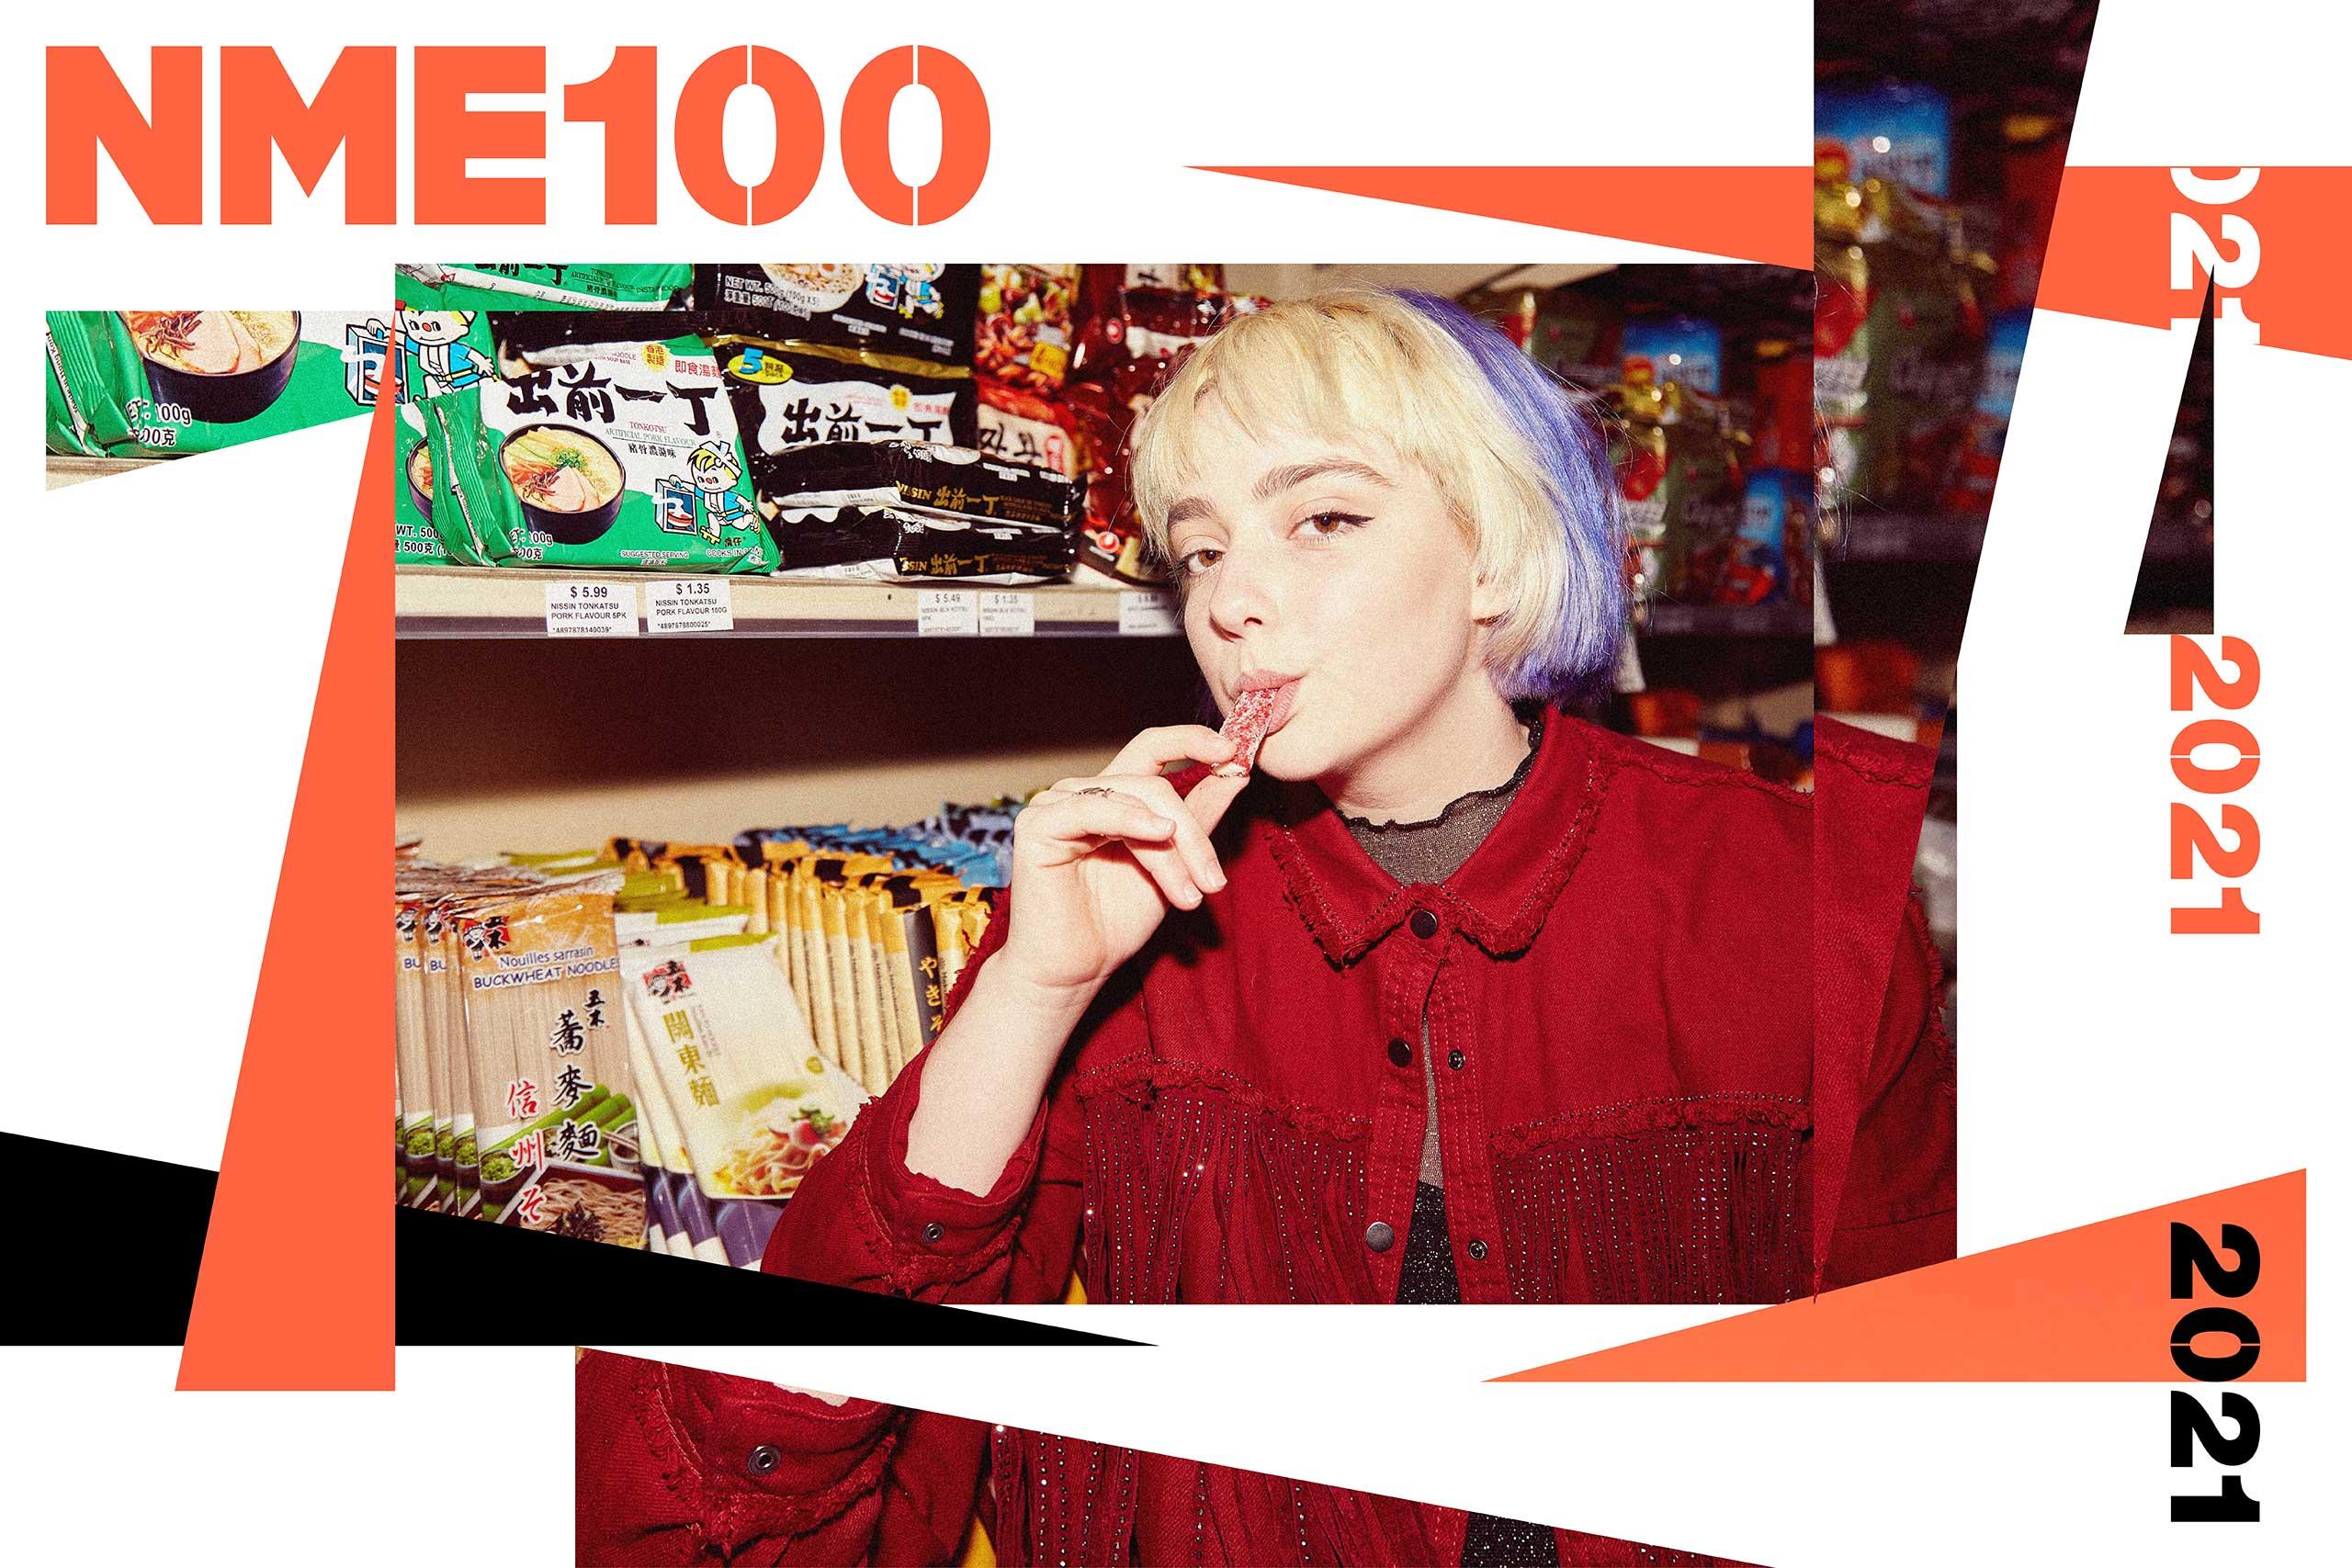 NME 100 merci mercy